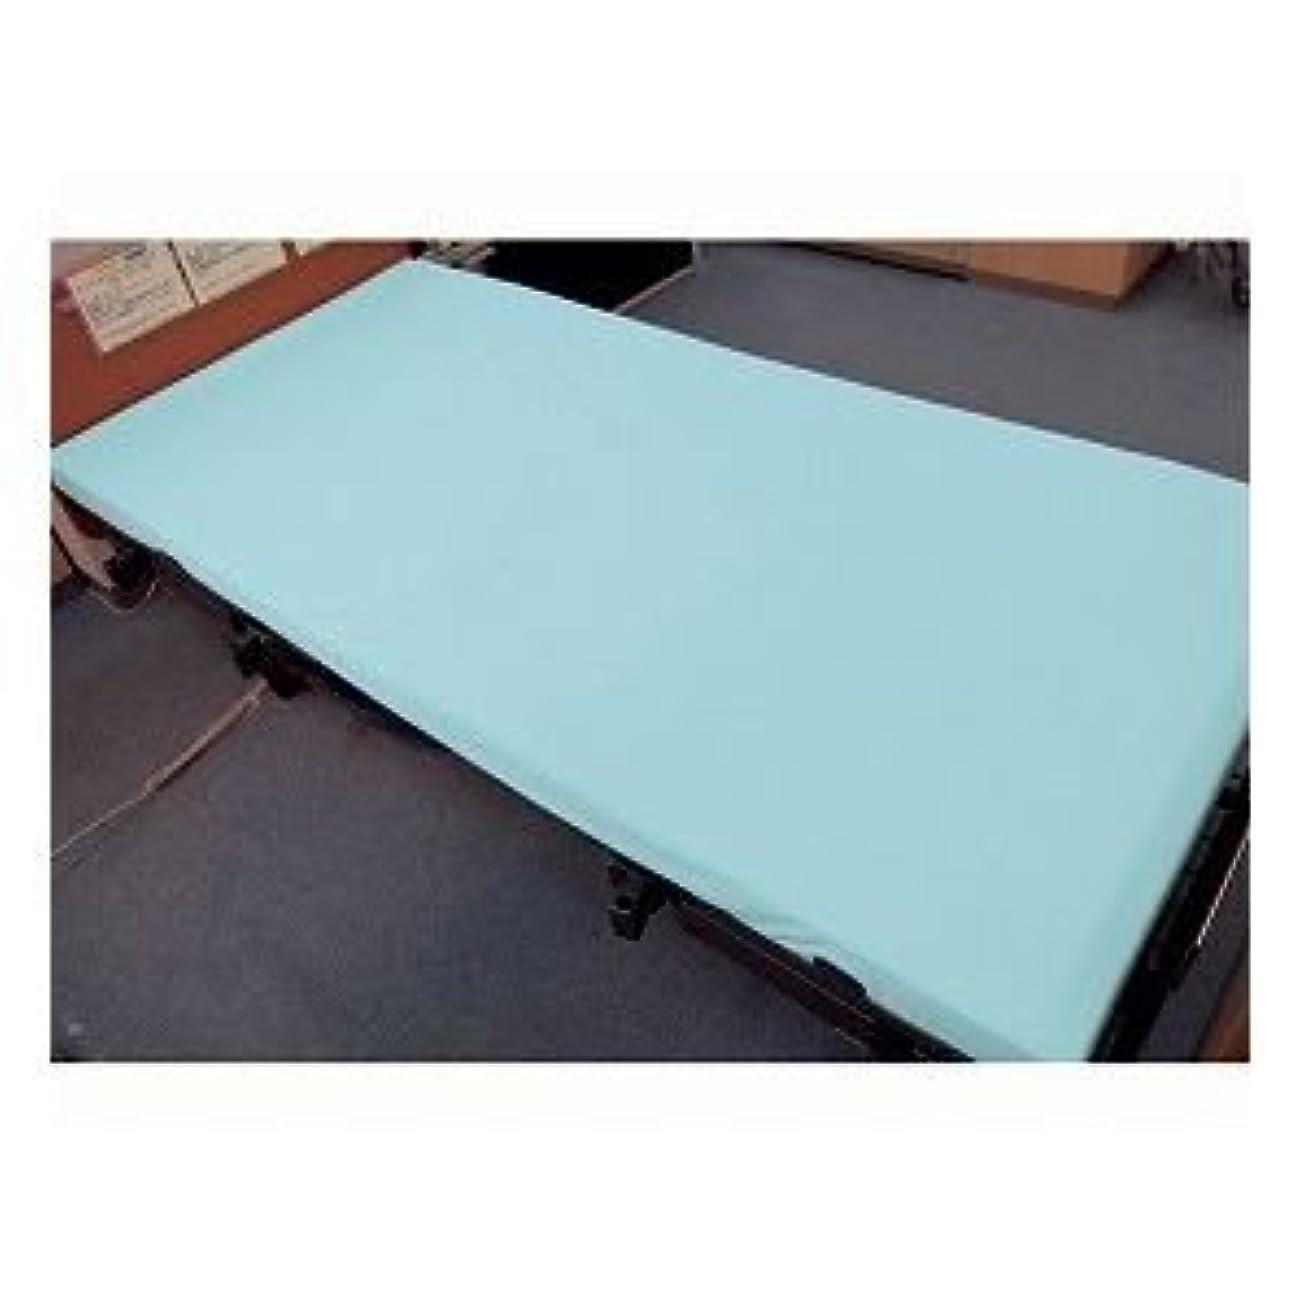 萬楽 透湿ボックス型全面防水シーツ 幅93cm /2024 クリーム